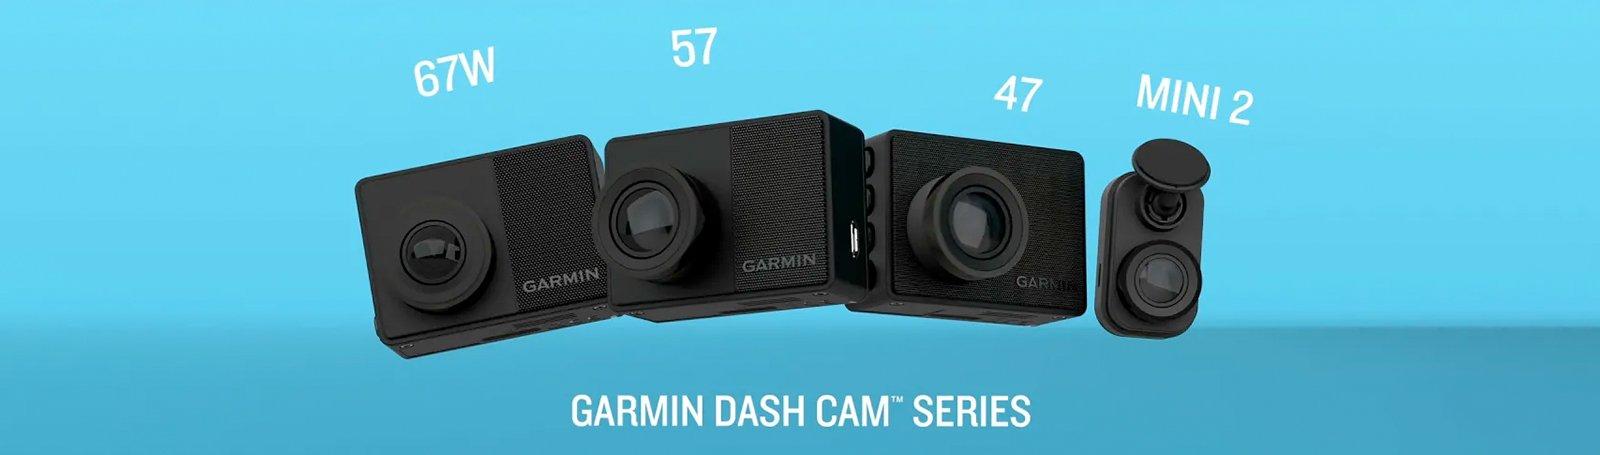 معرفي دوربين هاي مخصوص خودرو گارمين Garmin Dashcam Series